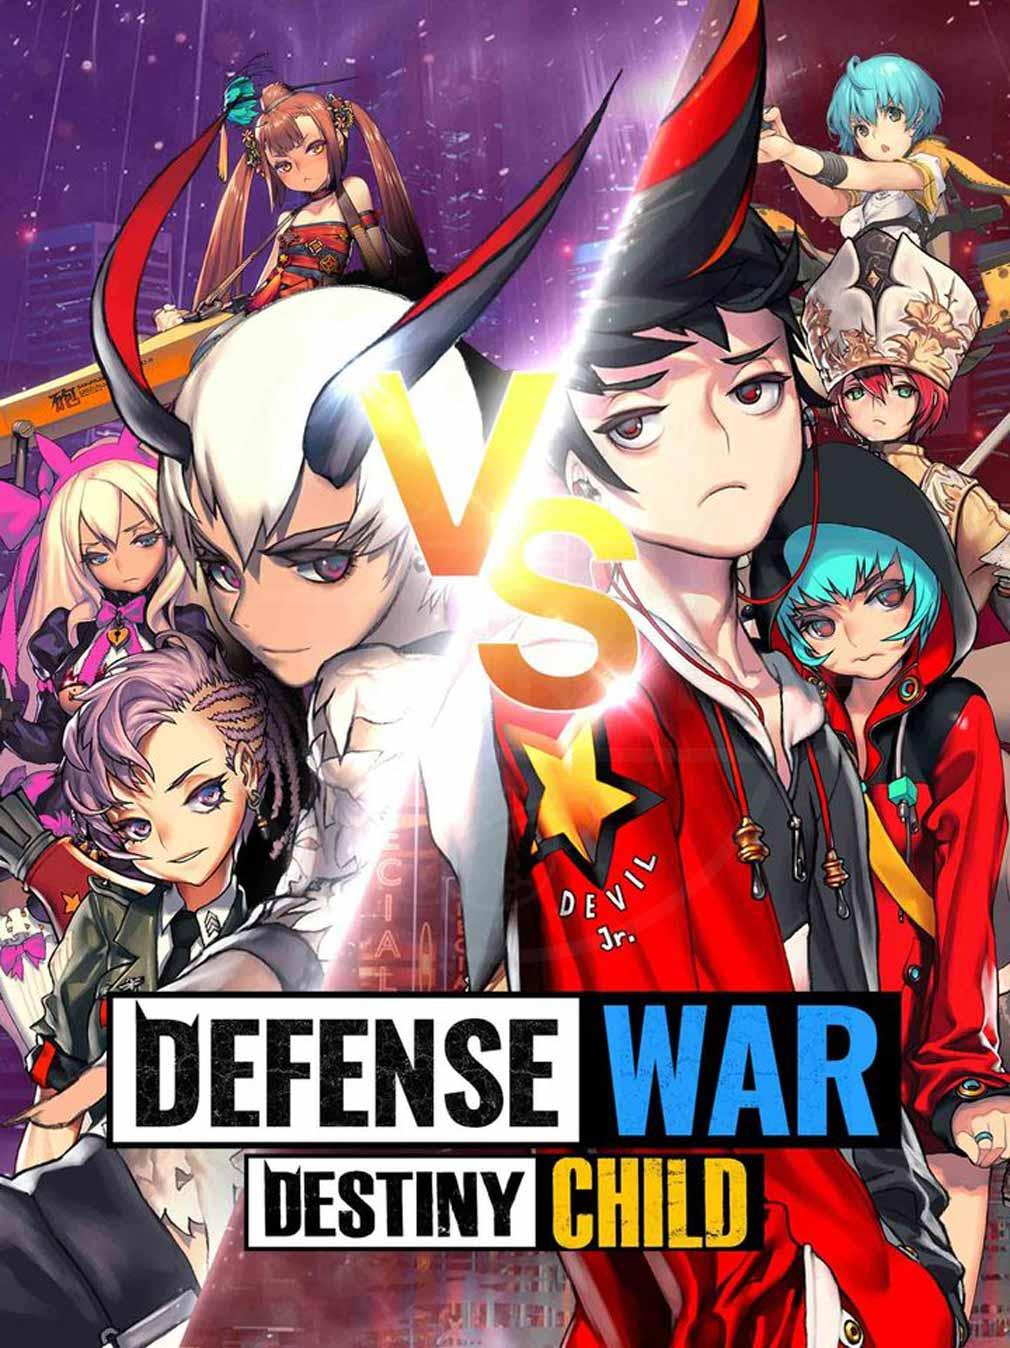 デスティニーチャイルド Defence War(デスチャDW) 世界観紹介イメージ